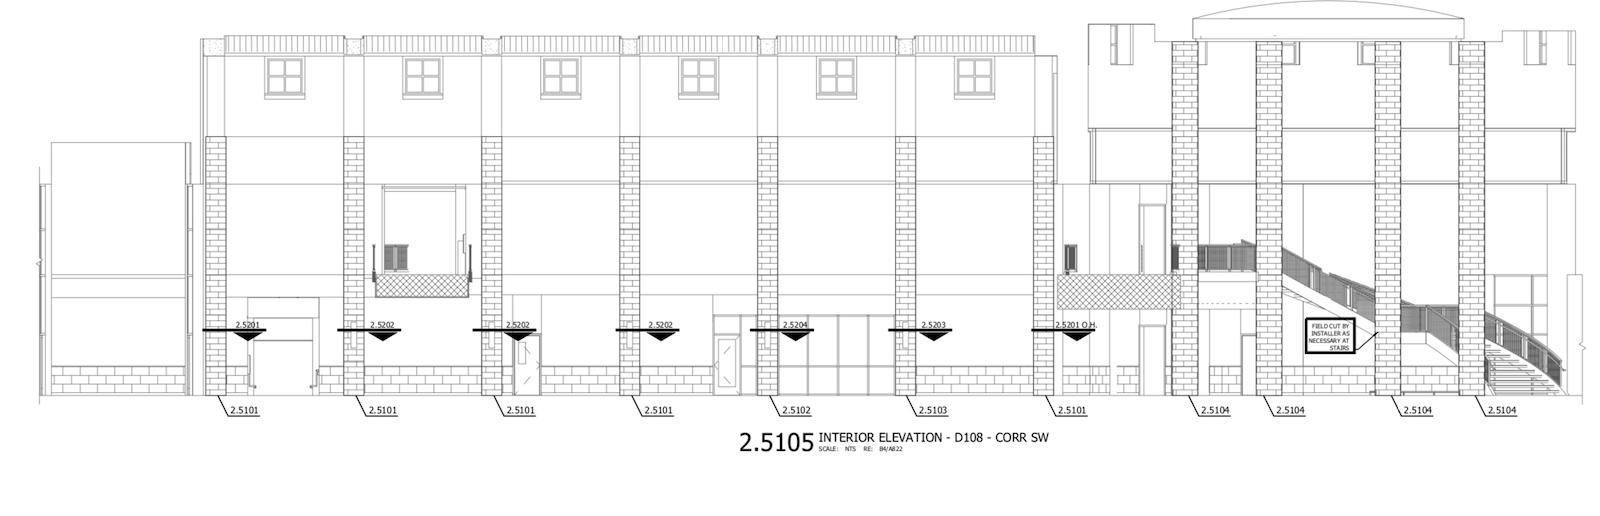 Interior Elevation - SW Corridor